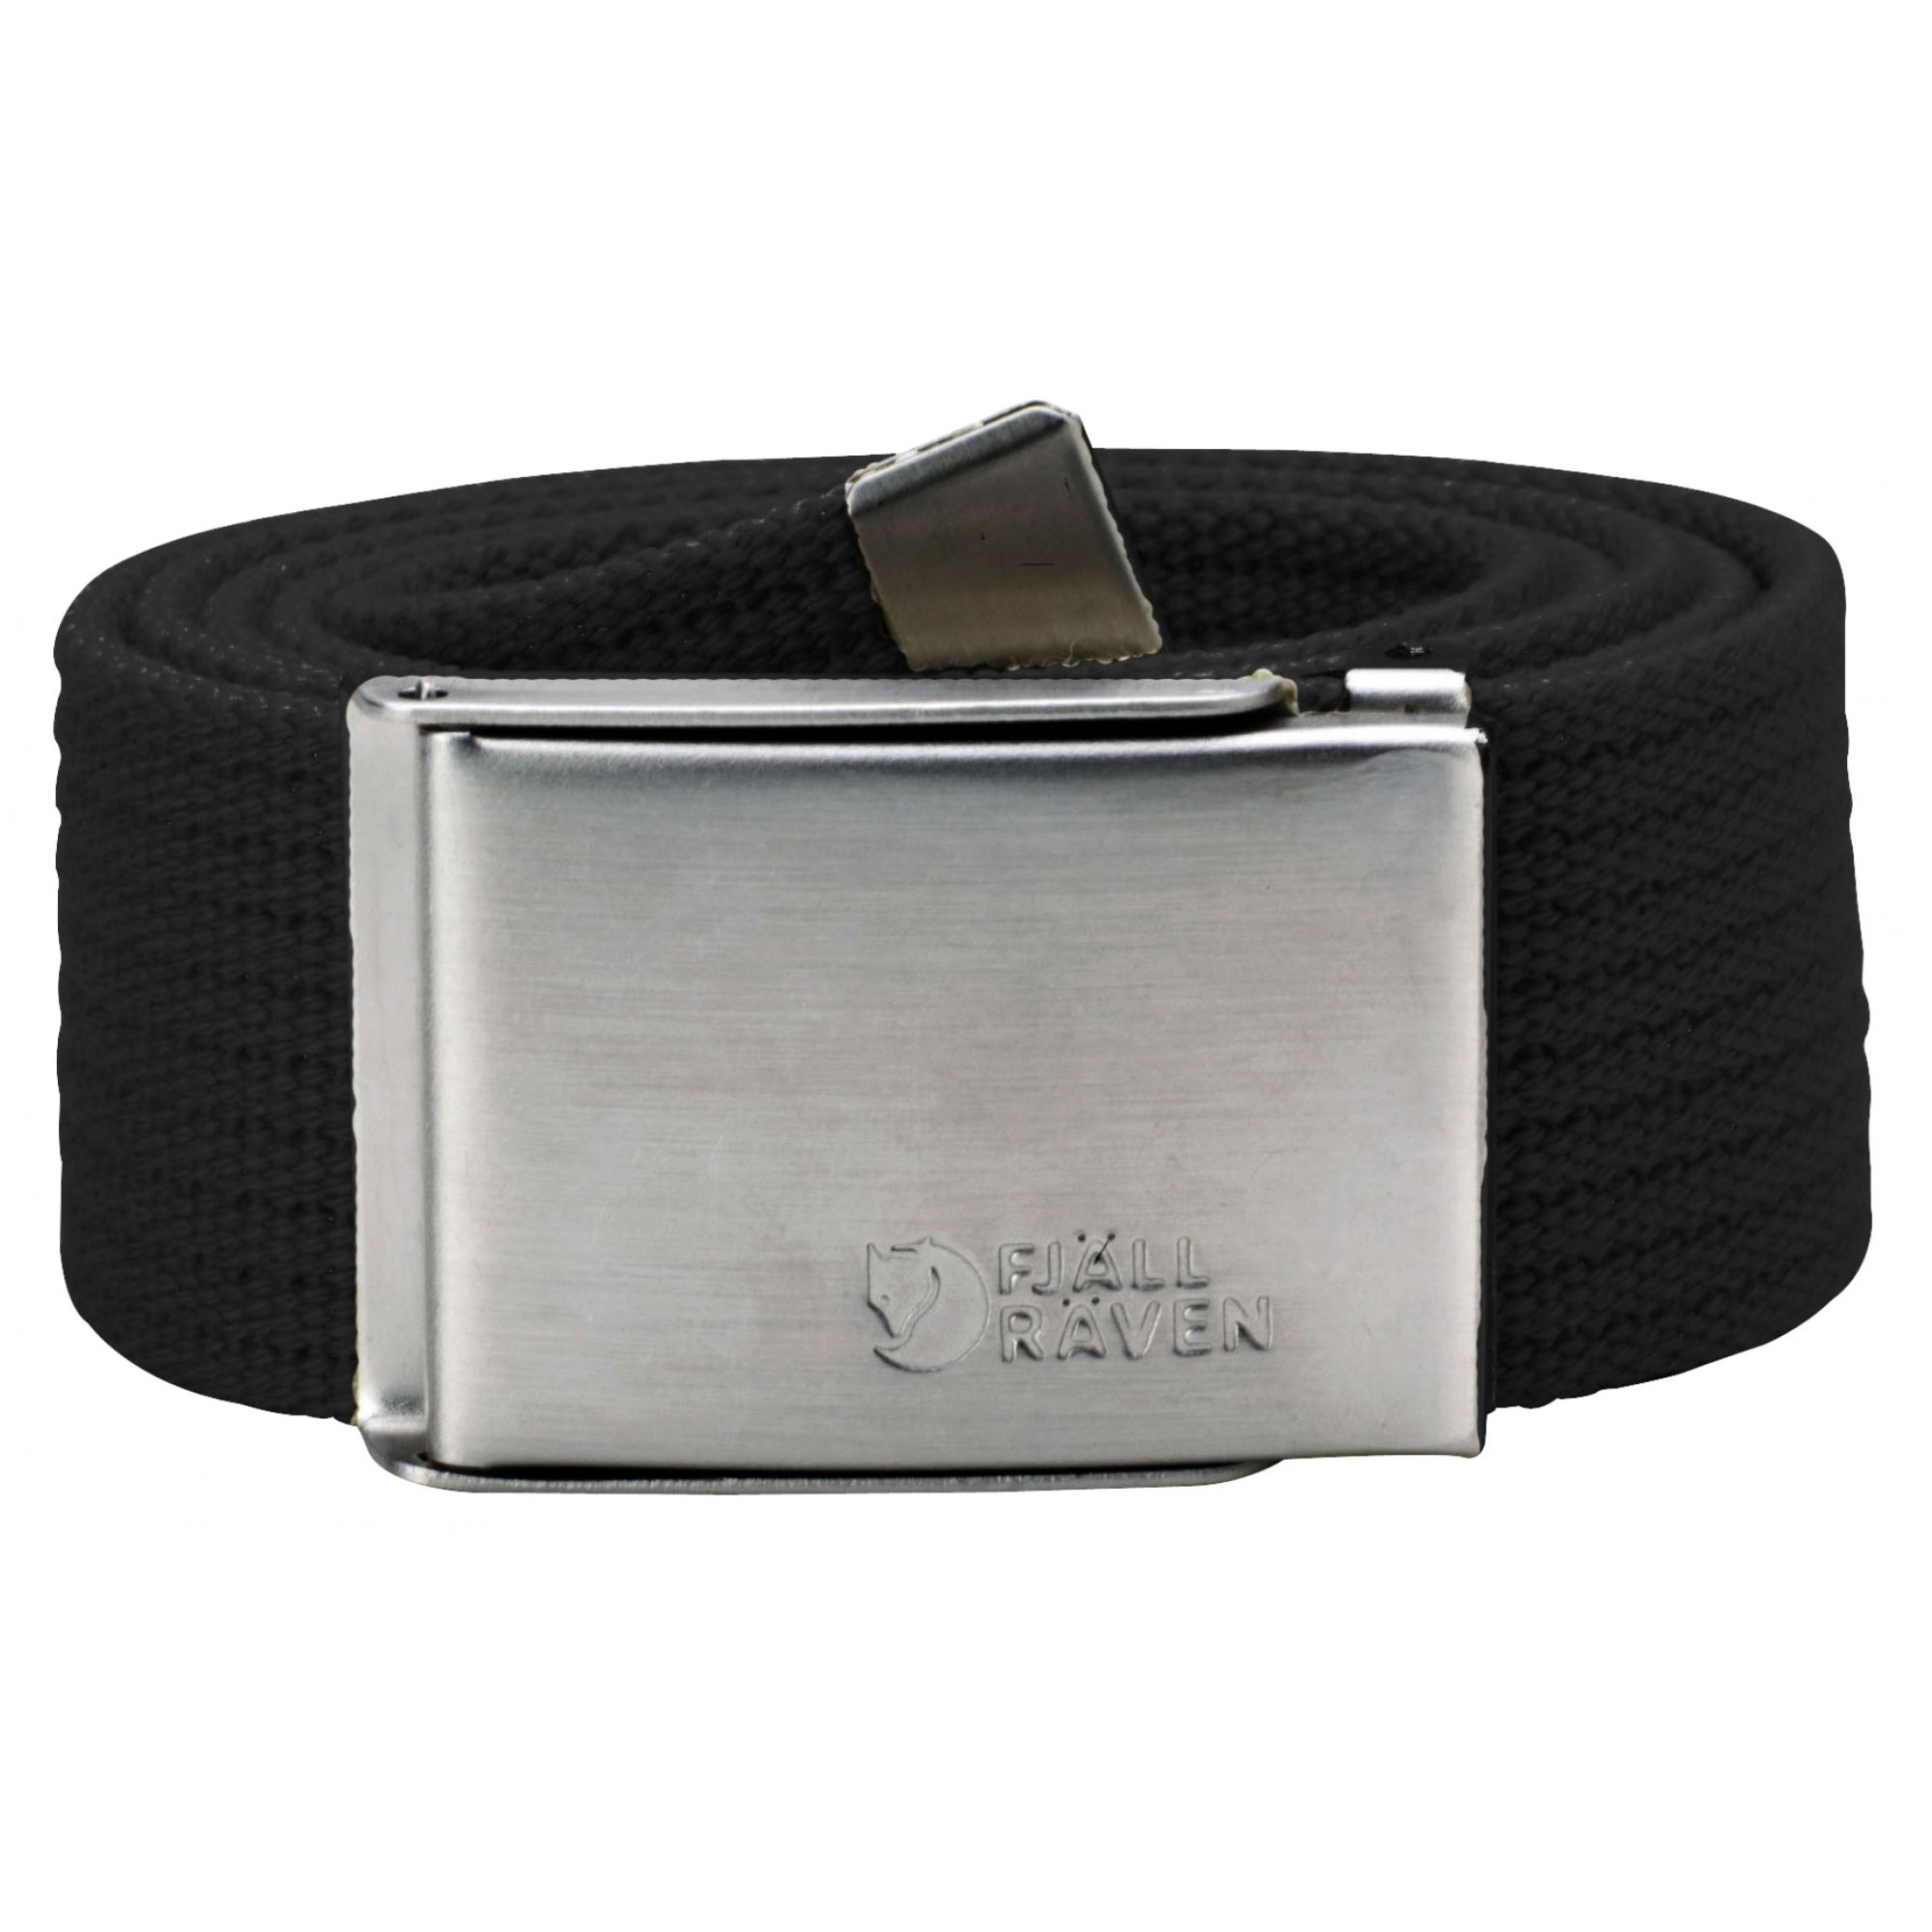 Fjallraven Canvas Belt - Black